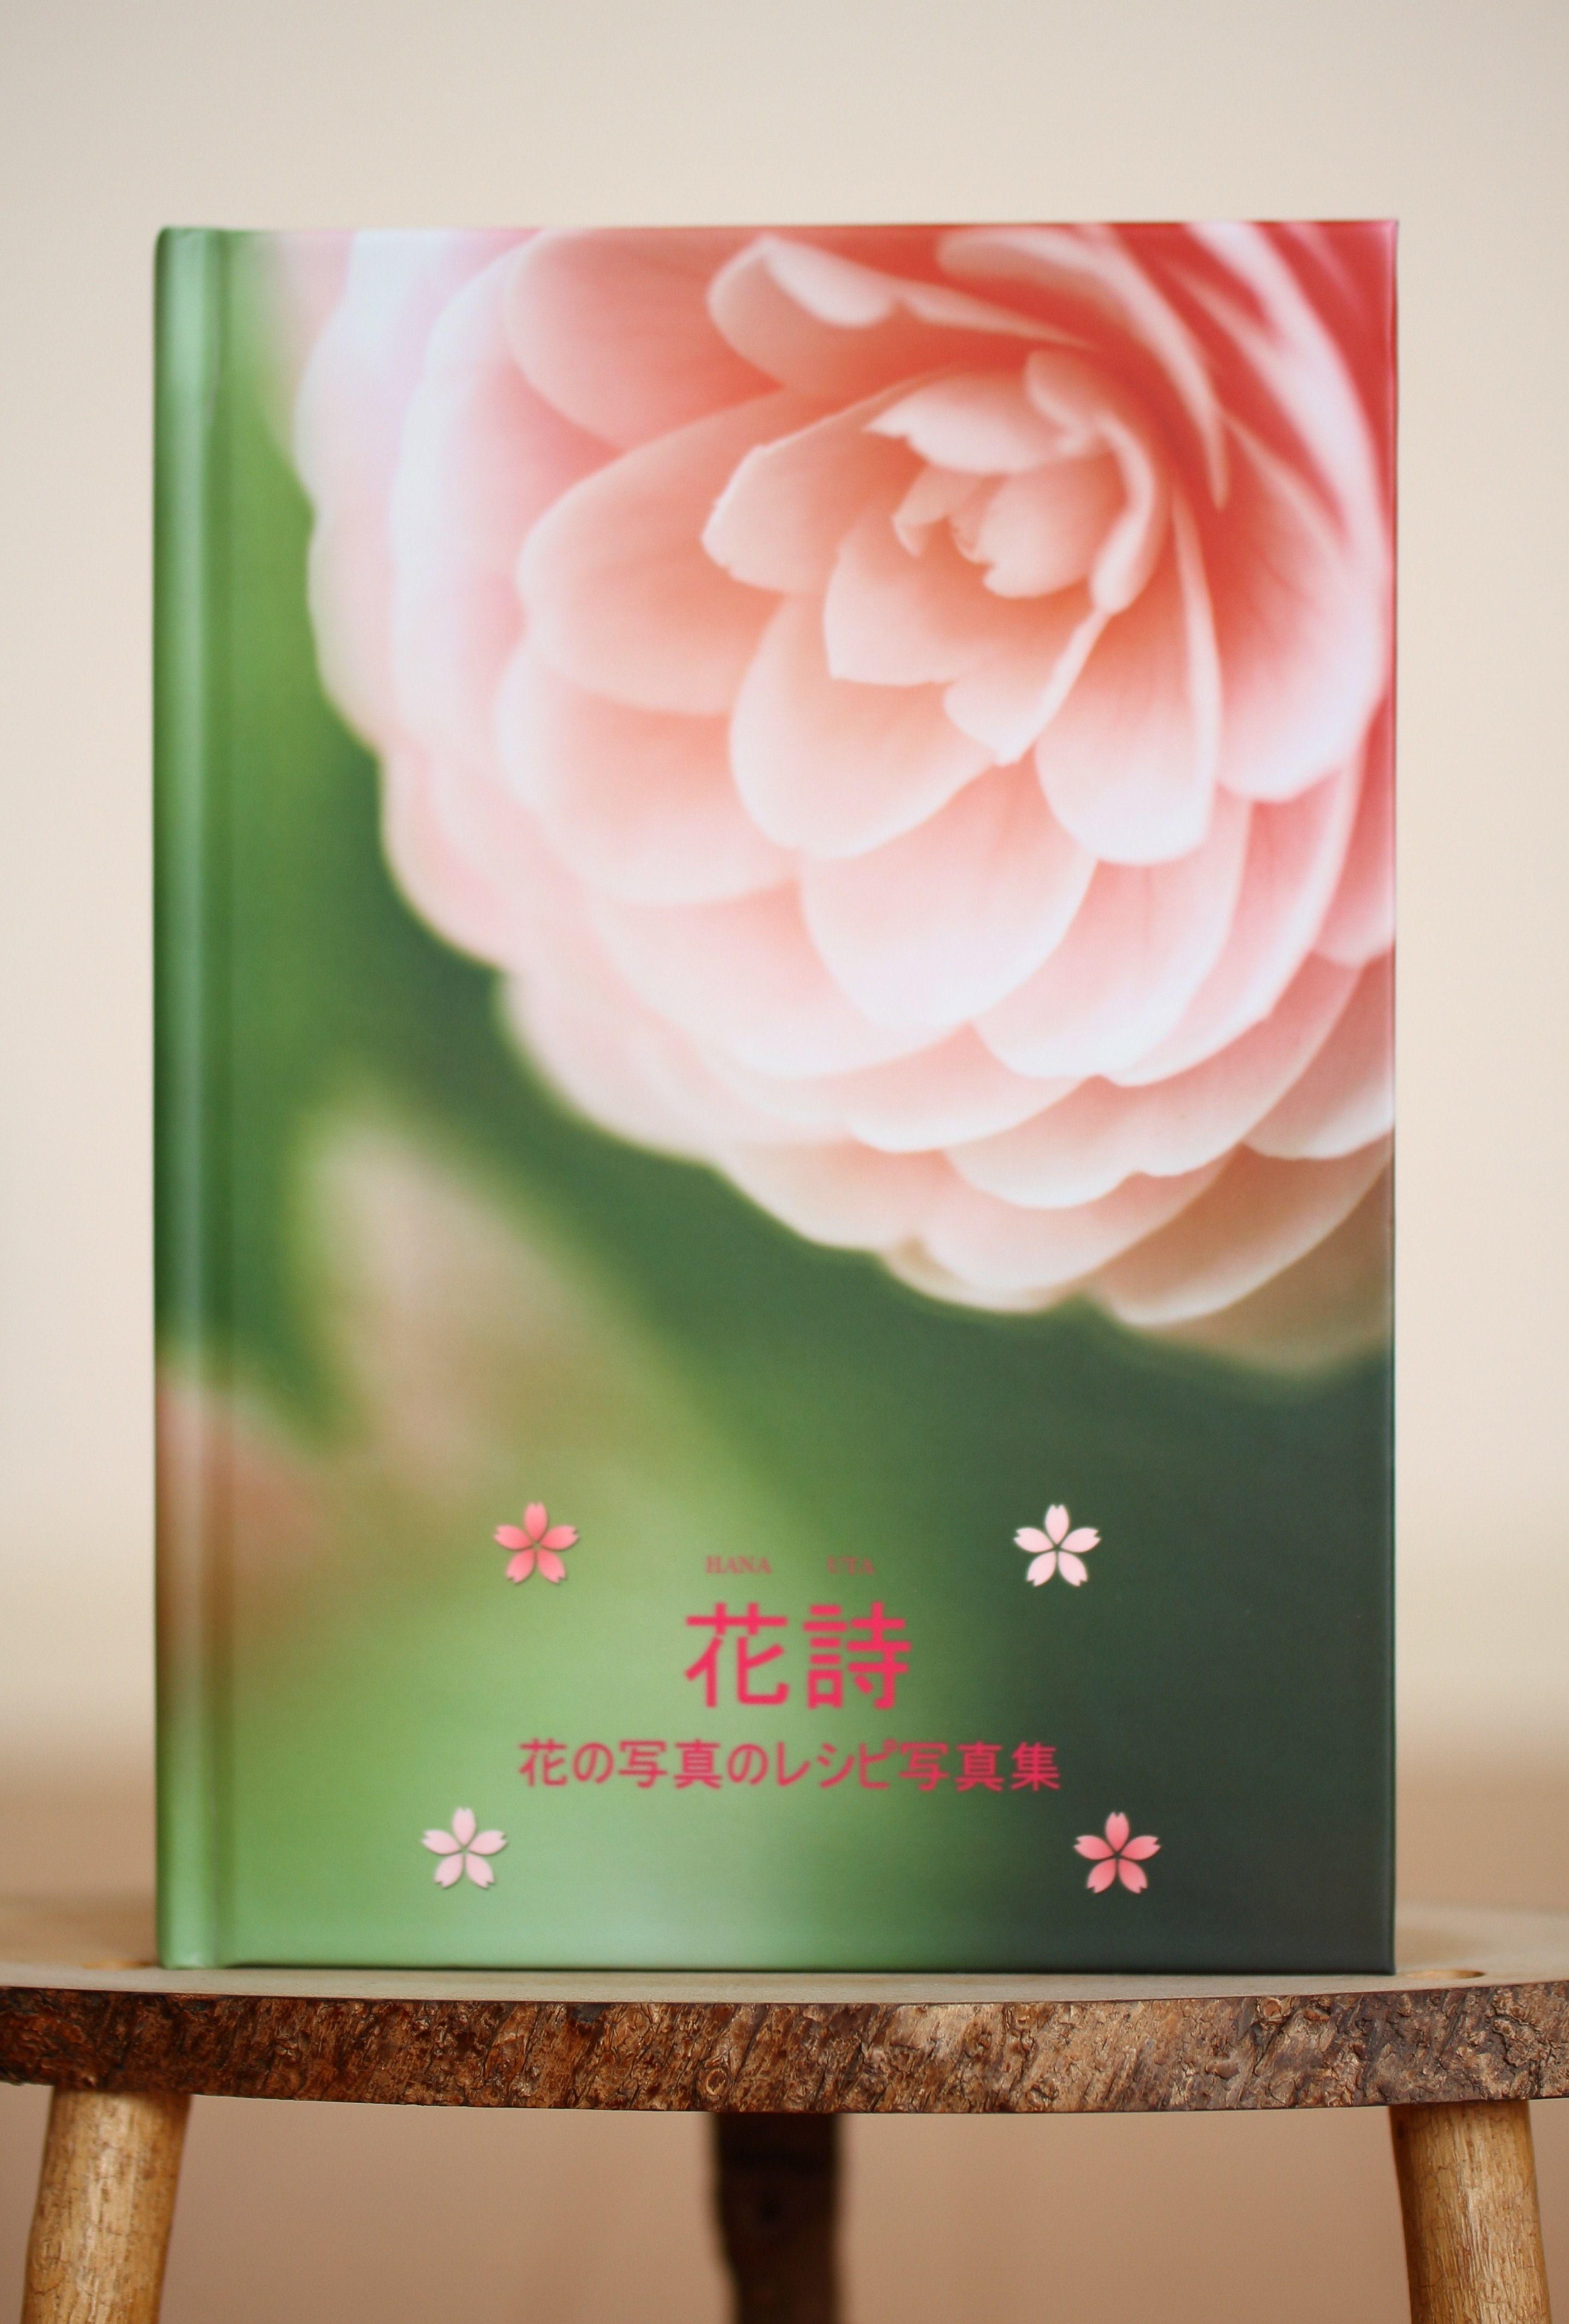 花の写真のレシピ写真集「花詩」